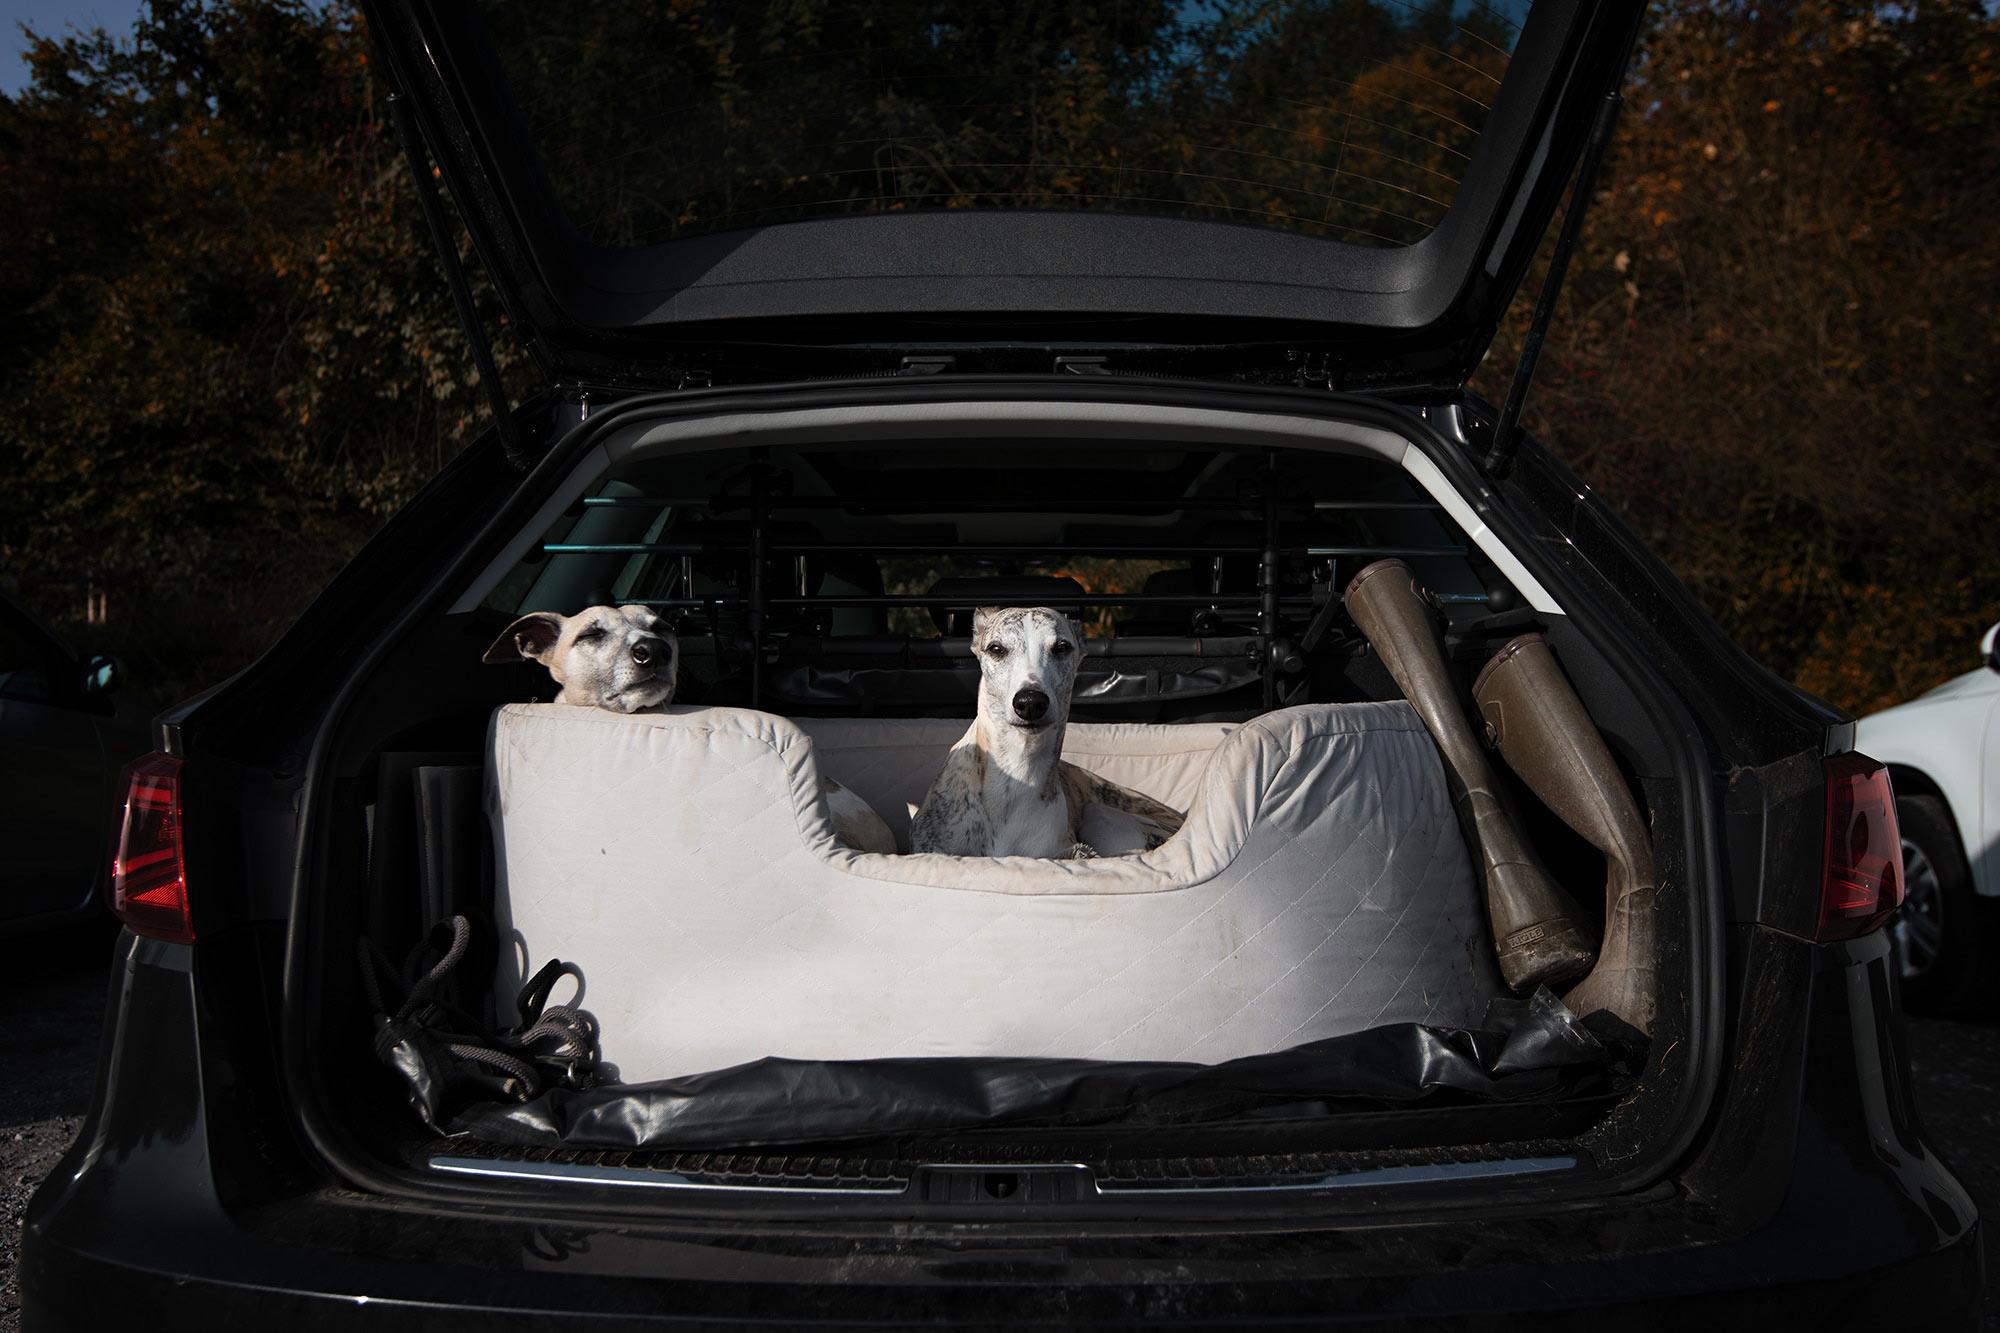 Der Hund im Auto - Unser Seat Leon FR ist ein sogenannter Lifestyle Kombi. Ein seinen Kofferraum passen soeben ein großes Hundebett, zwei Whippets und Gummistiefel. Dann ist aber auch Schluss.